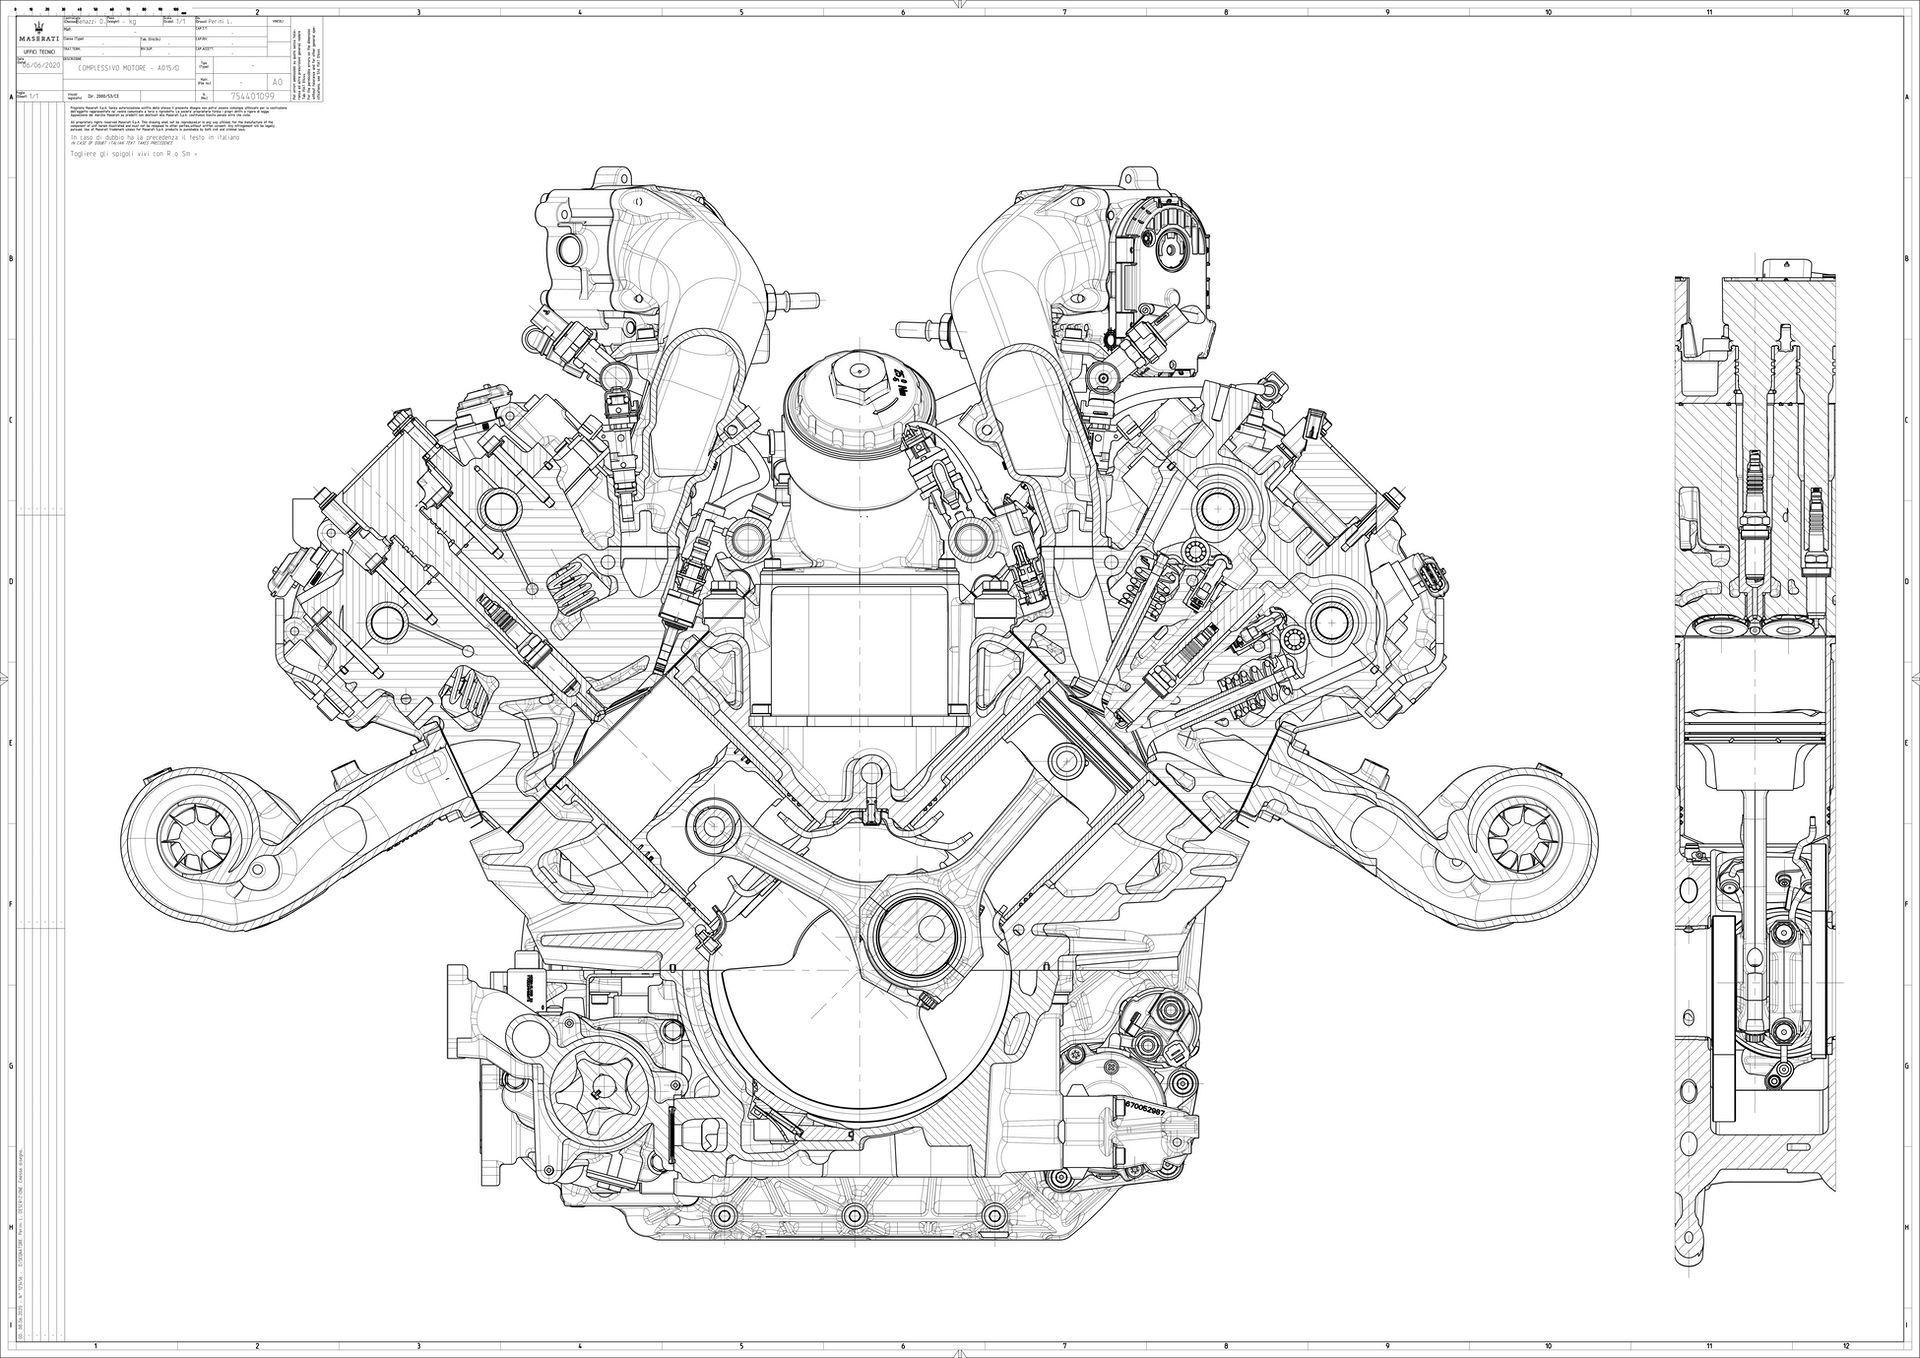 Maserati_Nettuno_engine_0009